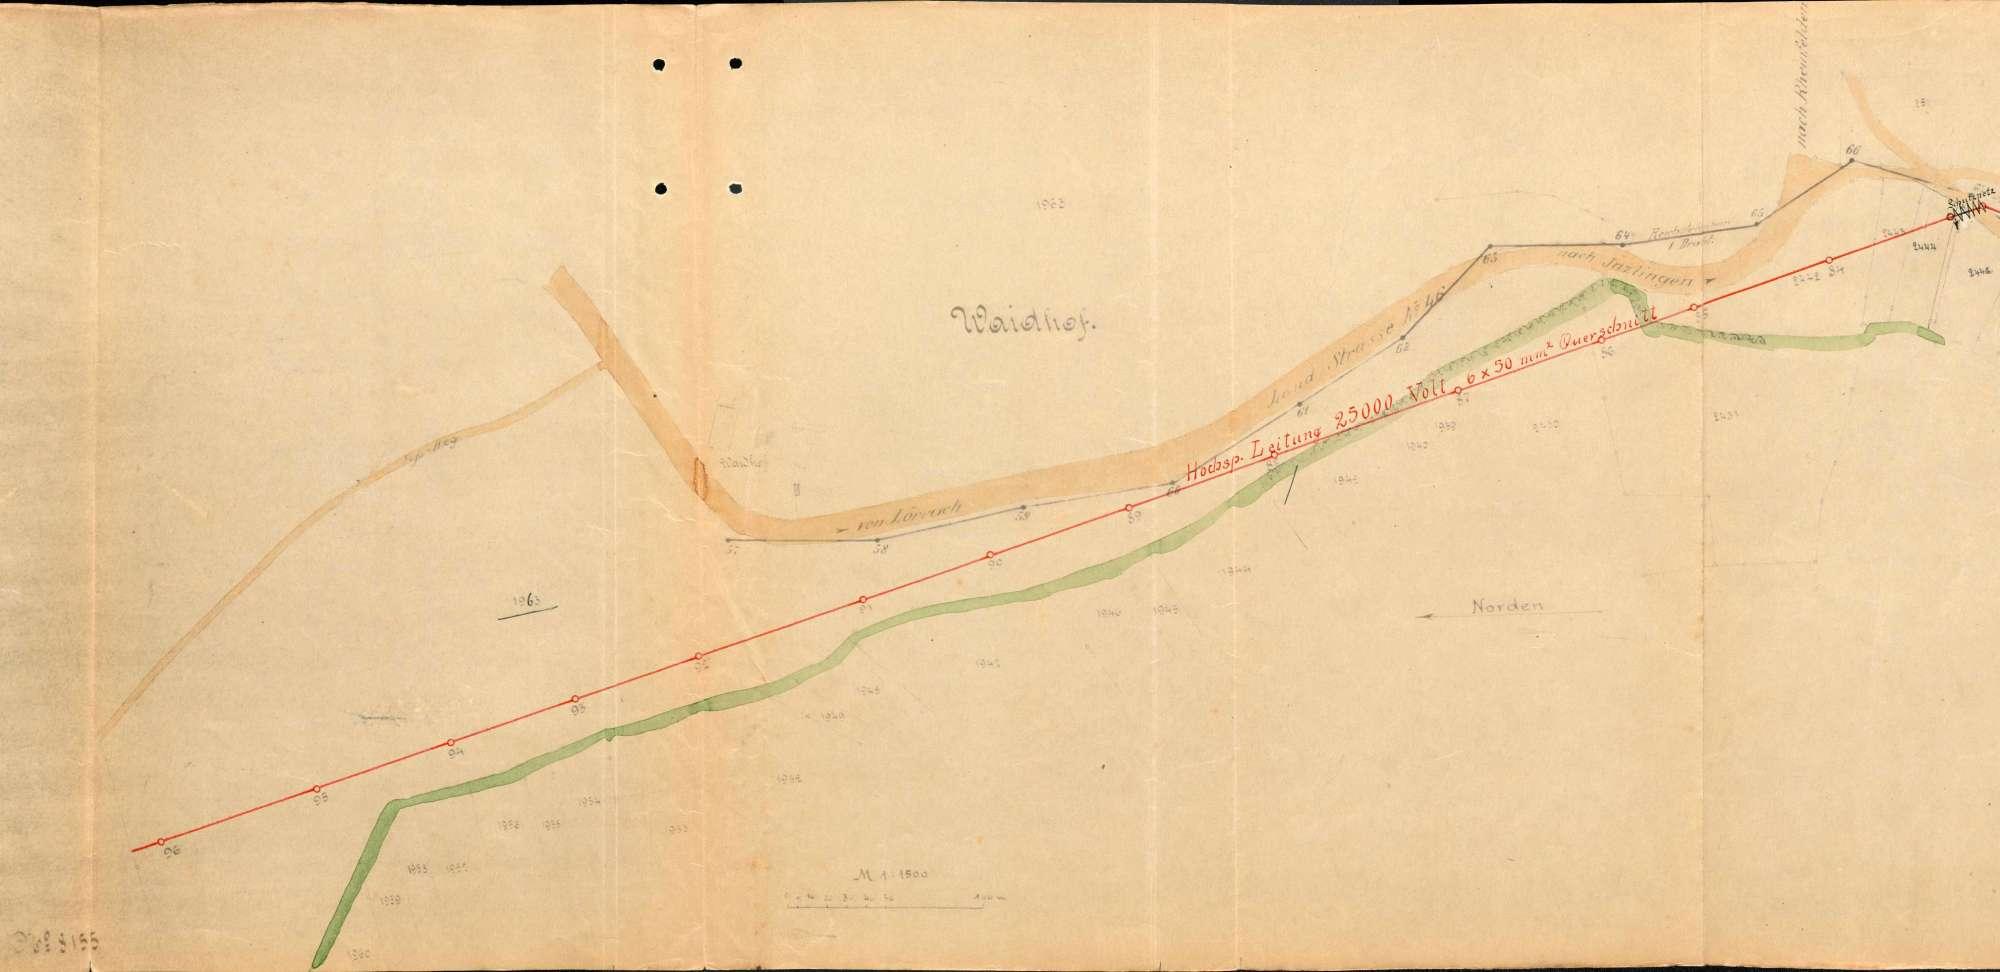 Enteignungsverfahren anläßlich des Baues einer Hochspannungsleitung Rheinfelden - Wyhlen - Lörrach auf der Gemarkung Inzlingen, Bild 1